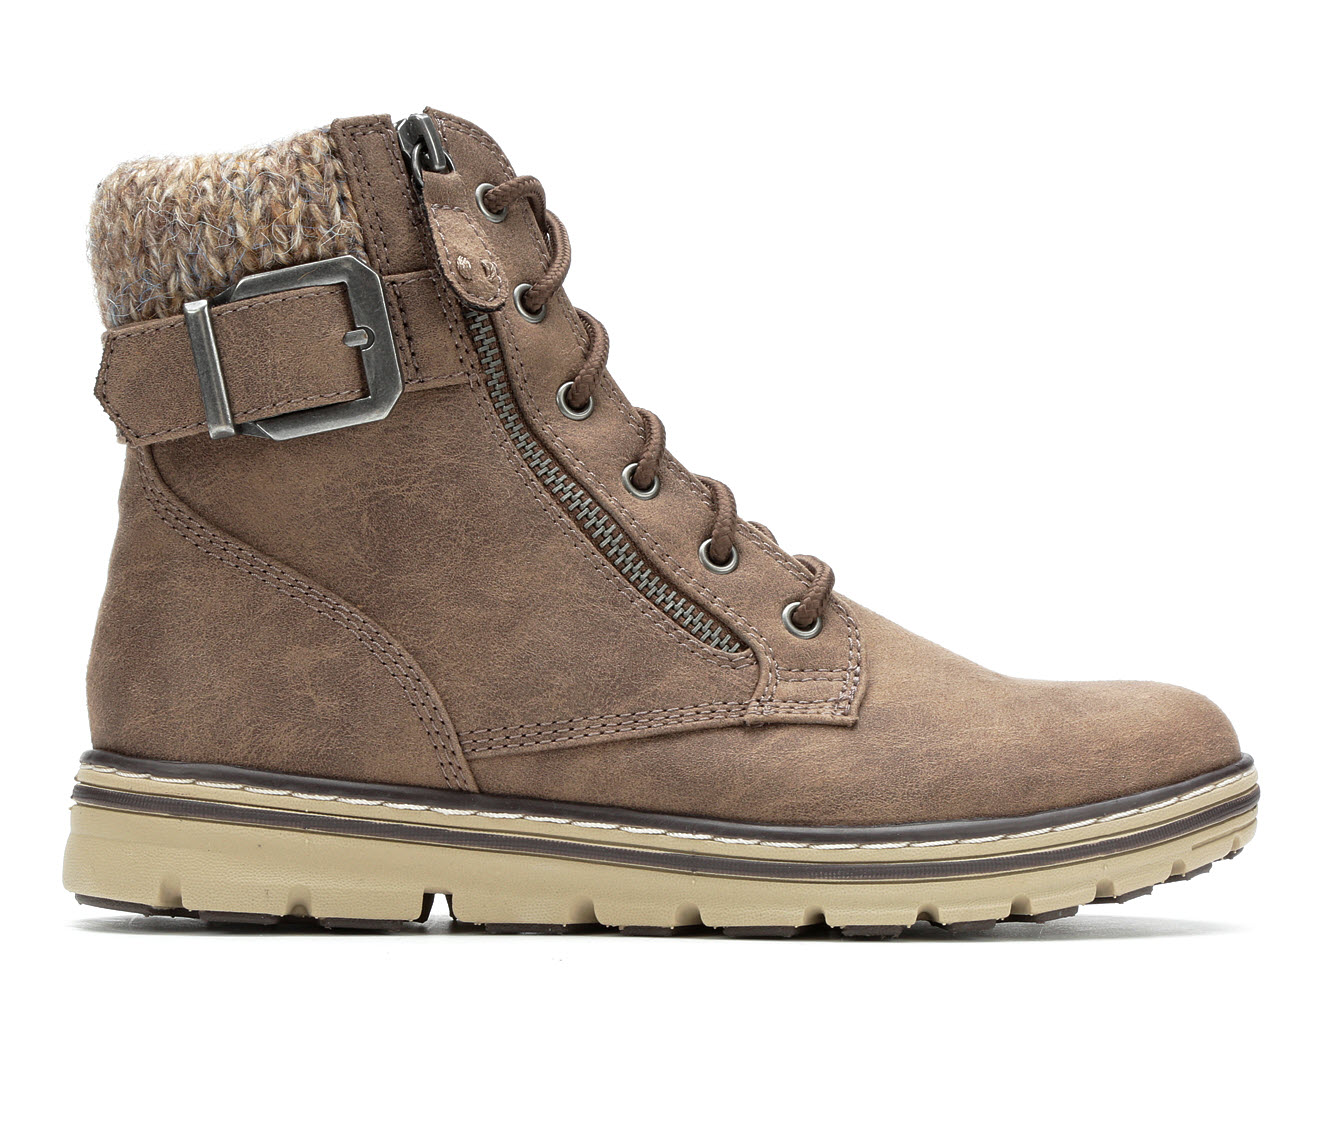 Cliffs Kelsie Women's Boot (Gray Faux Leather)